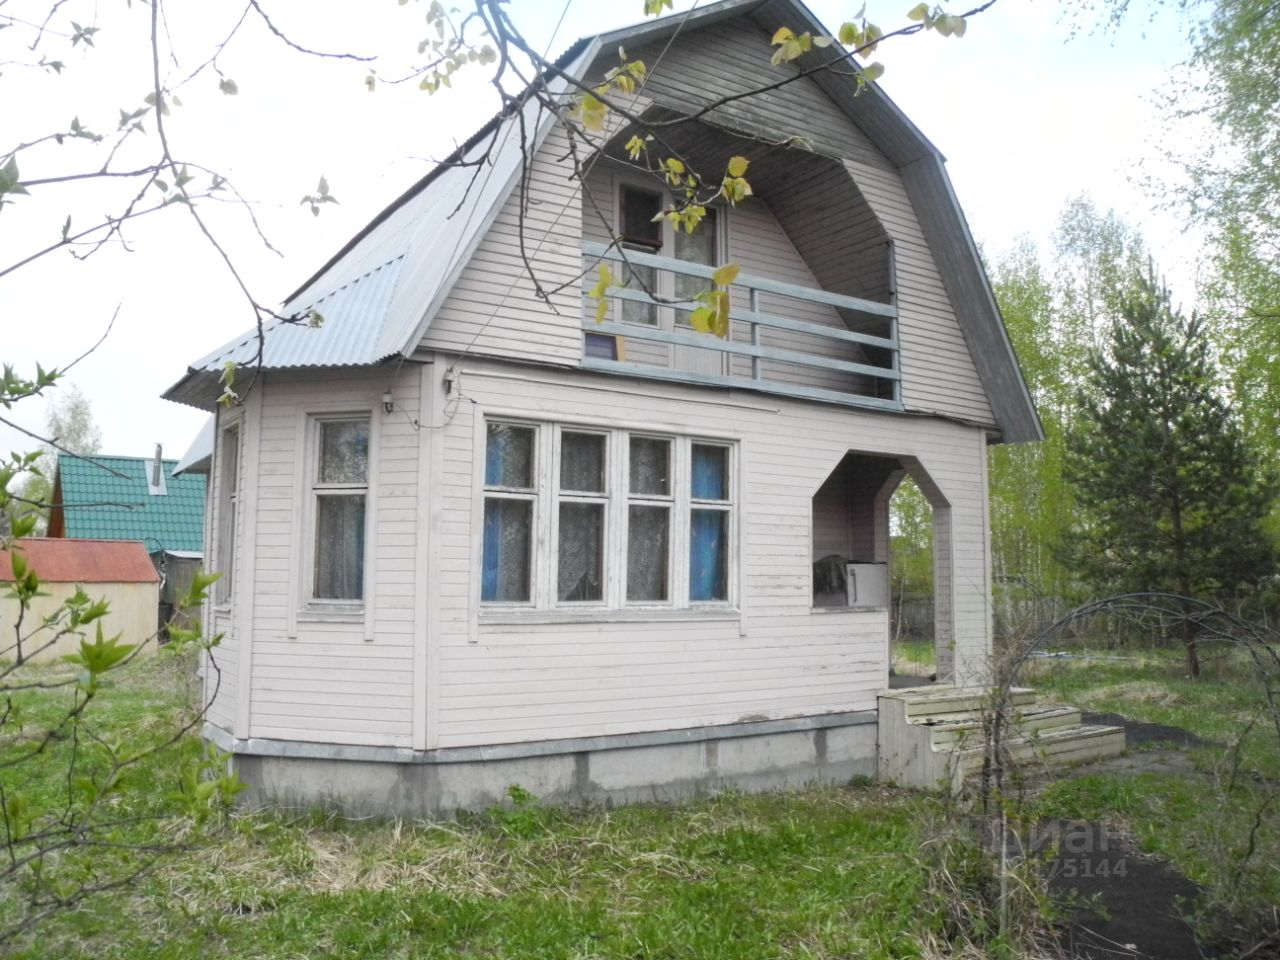 Продажа дома 80м² 1-я линия, Московская область, Богородский городской округ, Чайка СНТ - база ЦИАН, объявление 206000611